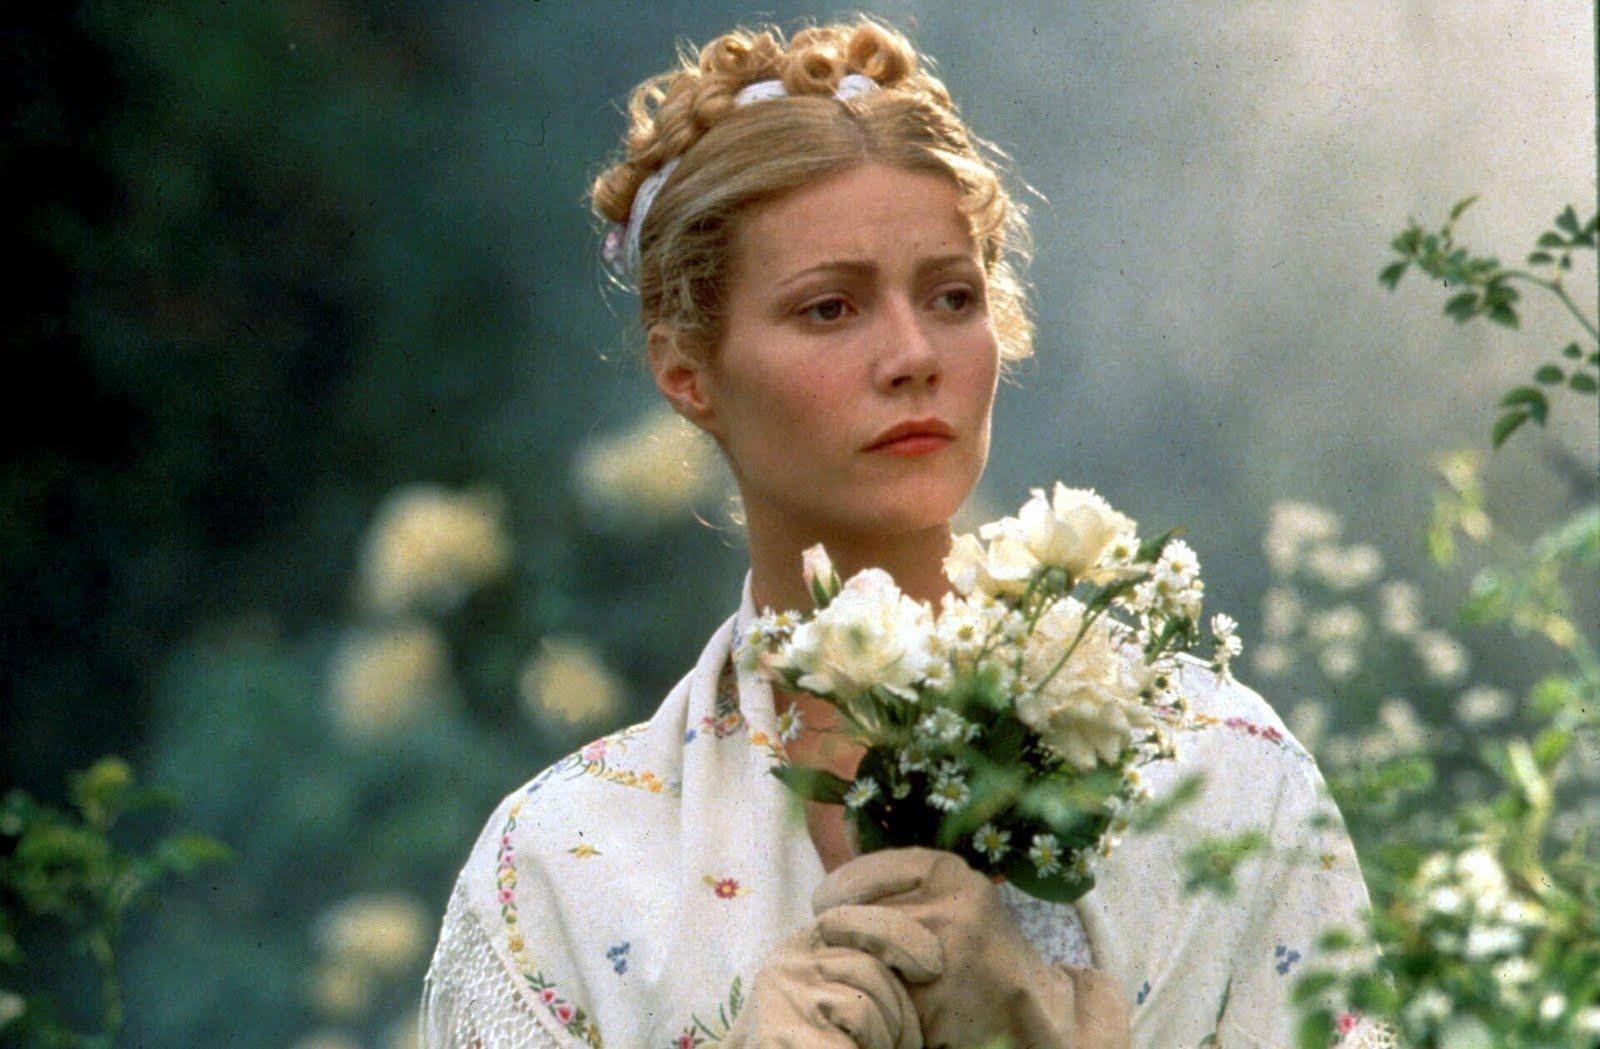 http://2.bp.blogspot.com/-dqeMJtRo3FM/TarfE0i1JWI/AAAAAAAAAv4/Rk5c5rOd3C0/s1600/1996_Emma-Gwyneth-Paltrow.jpg